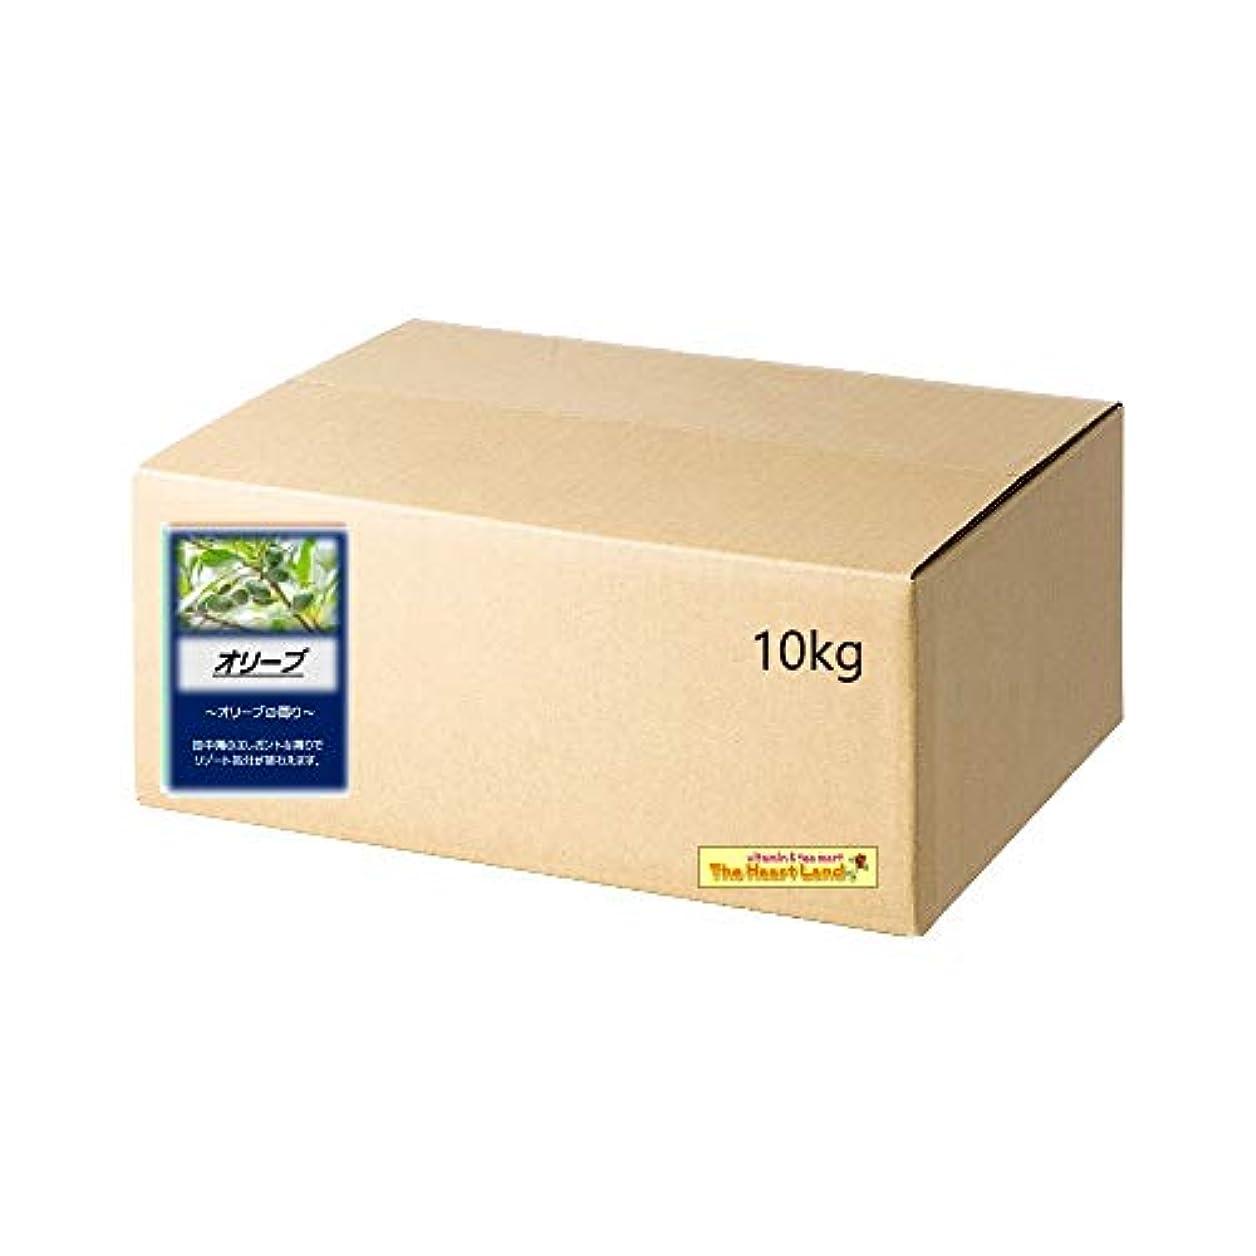 アロング短命腸アサヒ入浴剤 浴用入浴化粧品 オリーブ 10kg